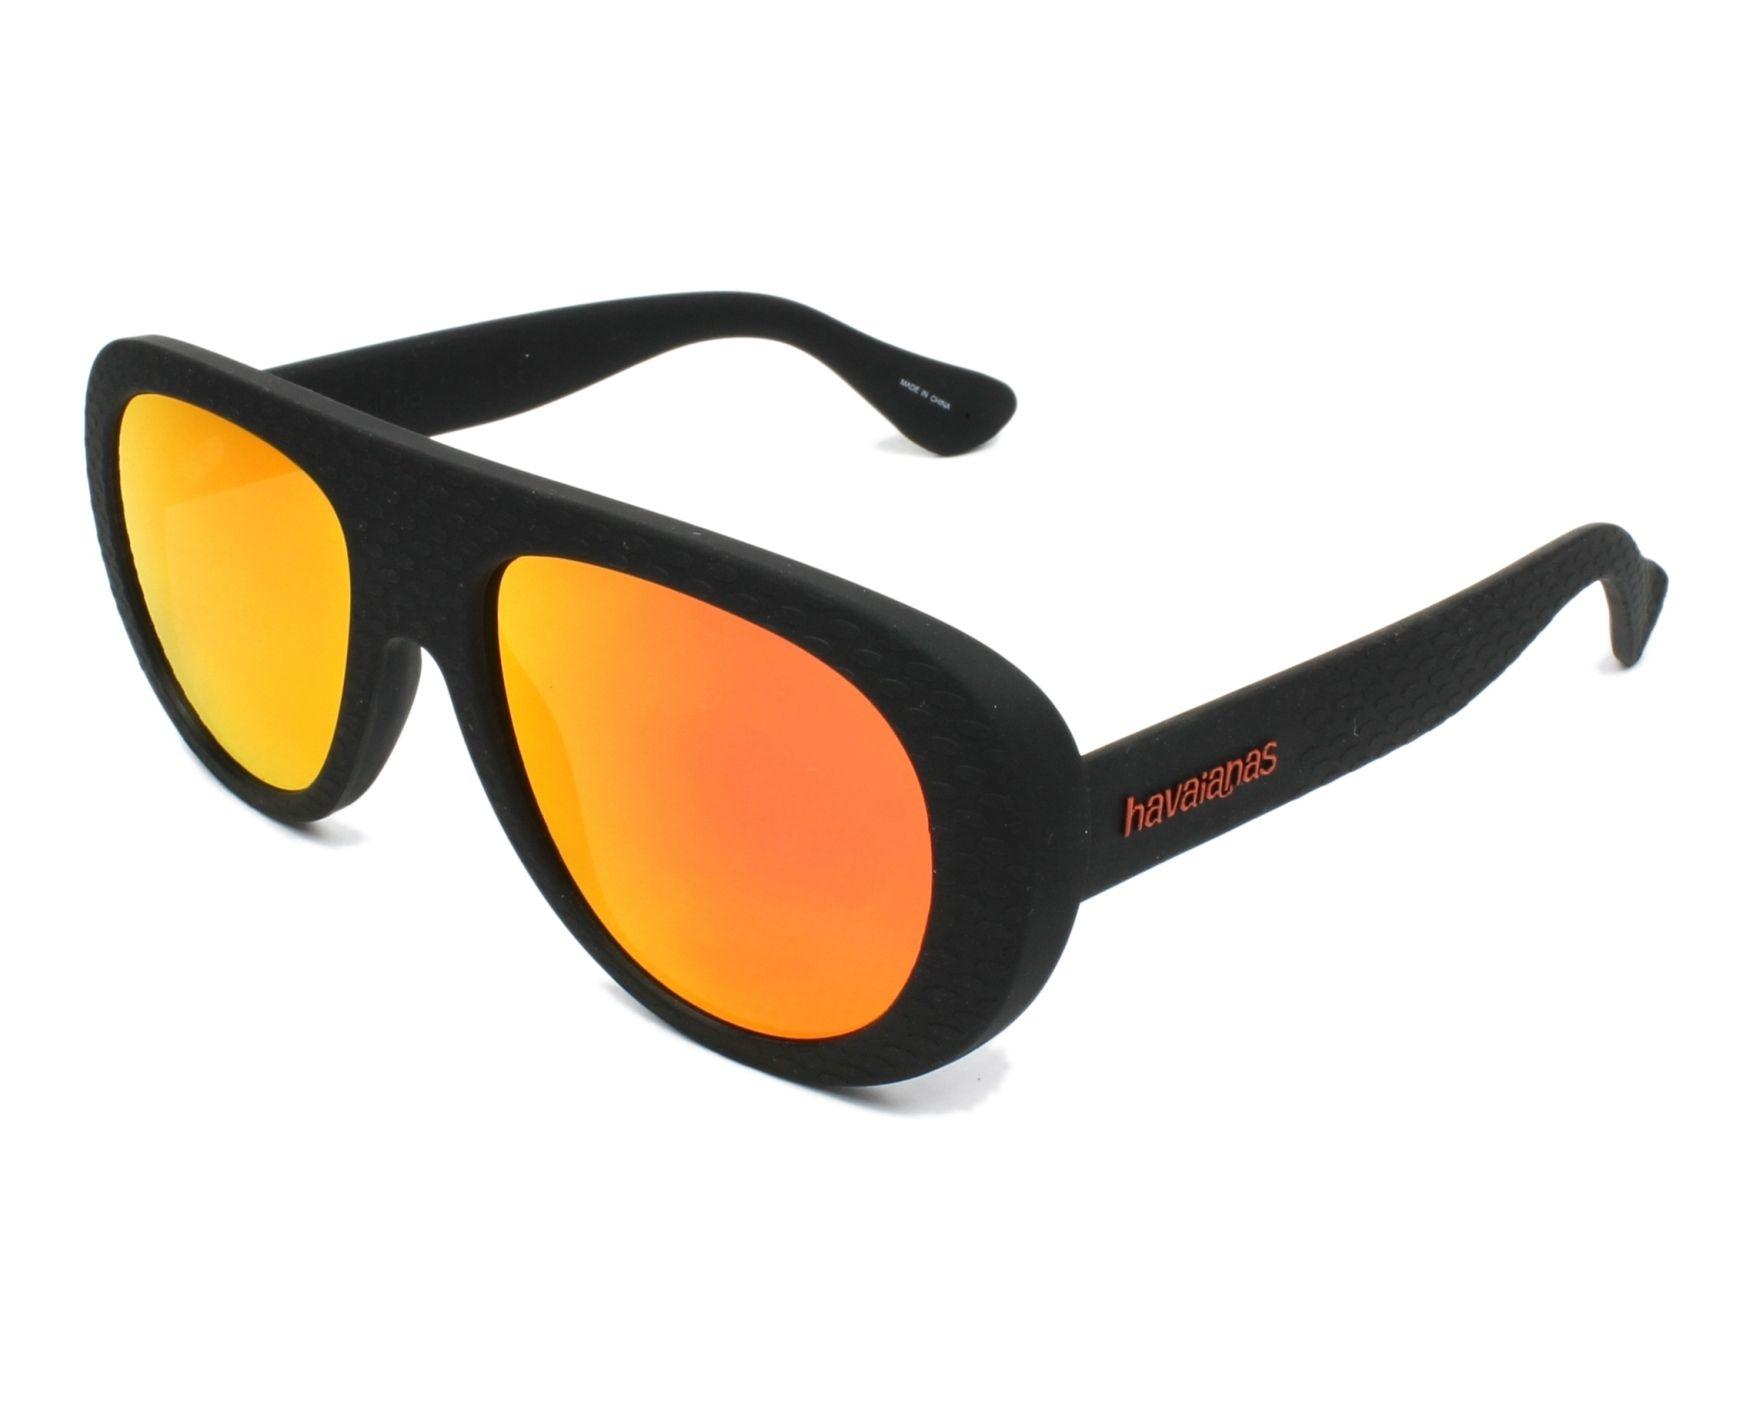 Havaianas Sonnenbrille » RIO/M«, schwarz, R0T/LS - schwarz/grau